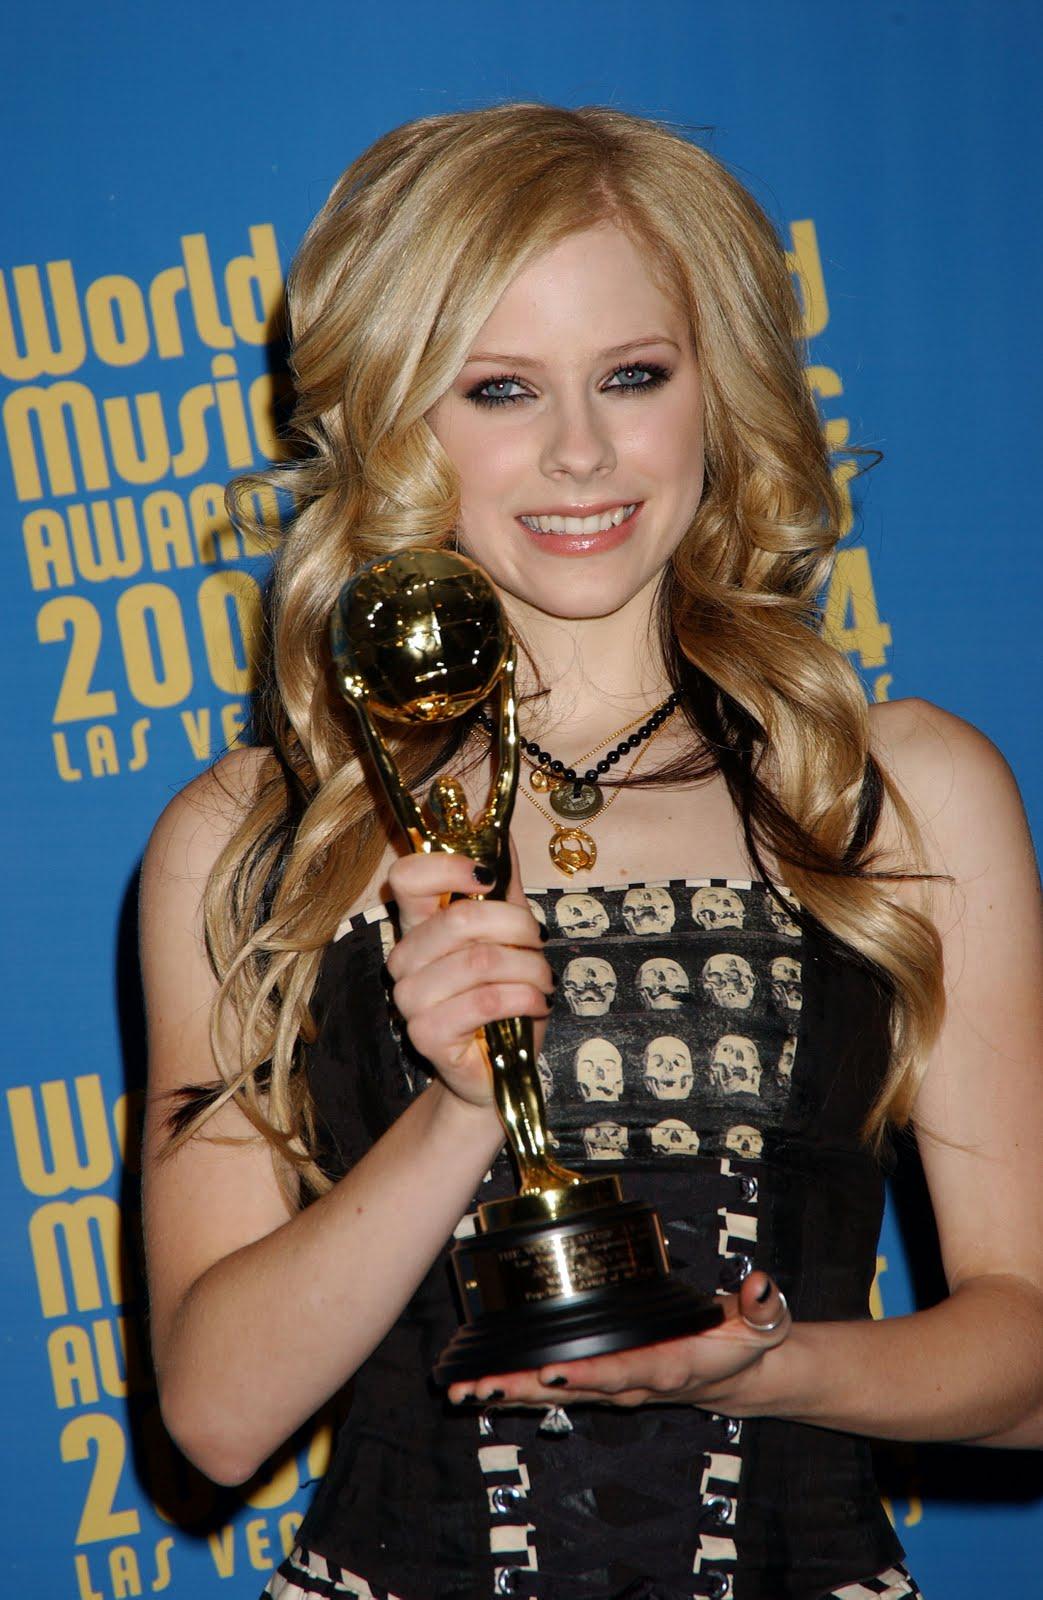 http://4.bp.blogspot.com/-_i_2vk5_3u8/Tm4FYSuPm6I/AAAAAAAABWk/wvrl22YCGJE/s1600/Avril+lavigne+%2521+Hot+%2521+Sexy+%2521+Cute+Singer+%252824%2529.jpg